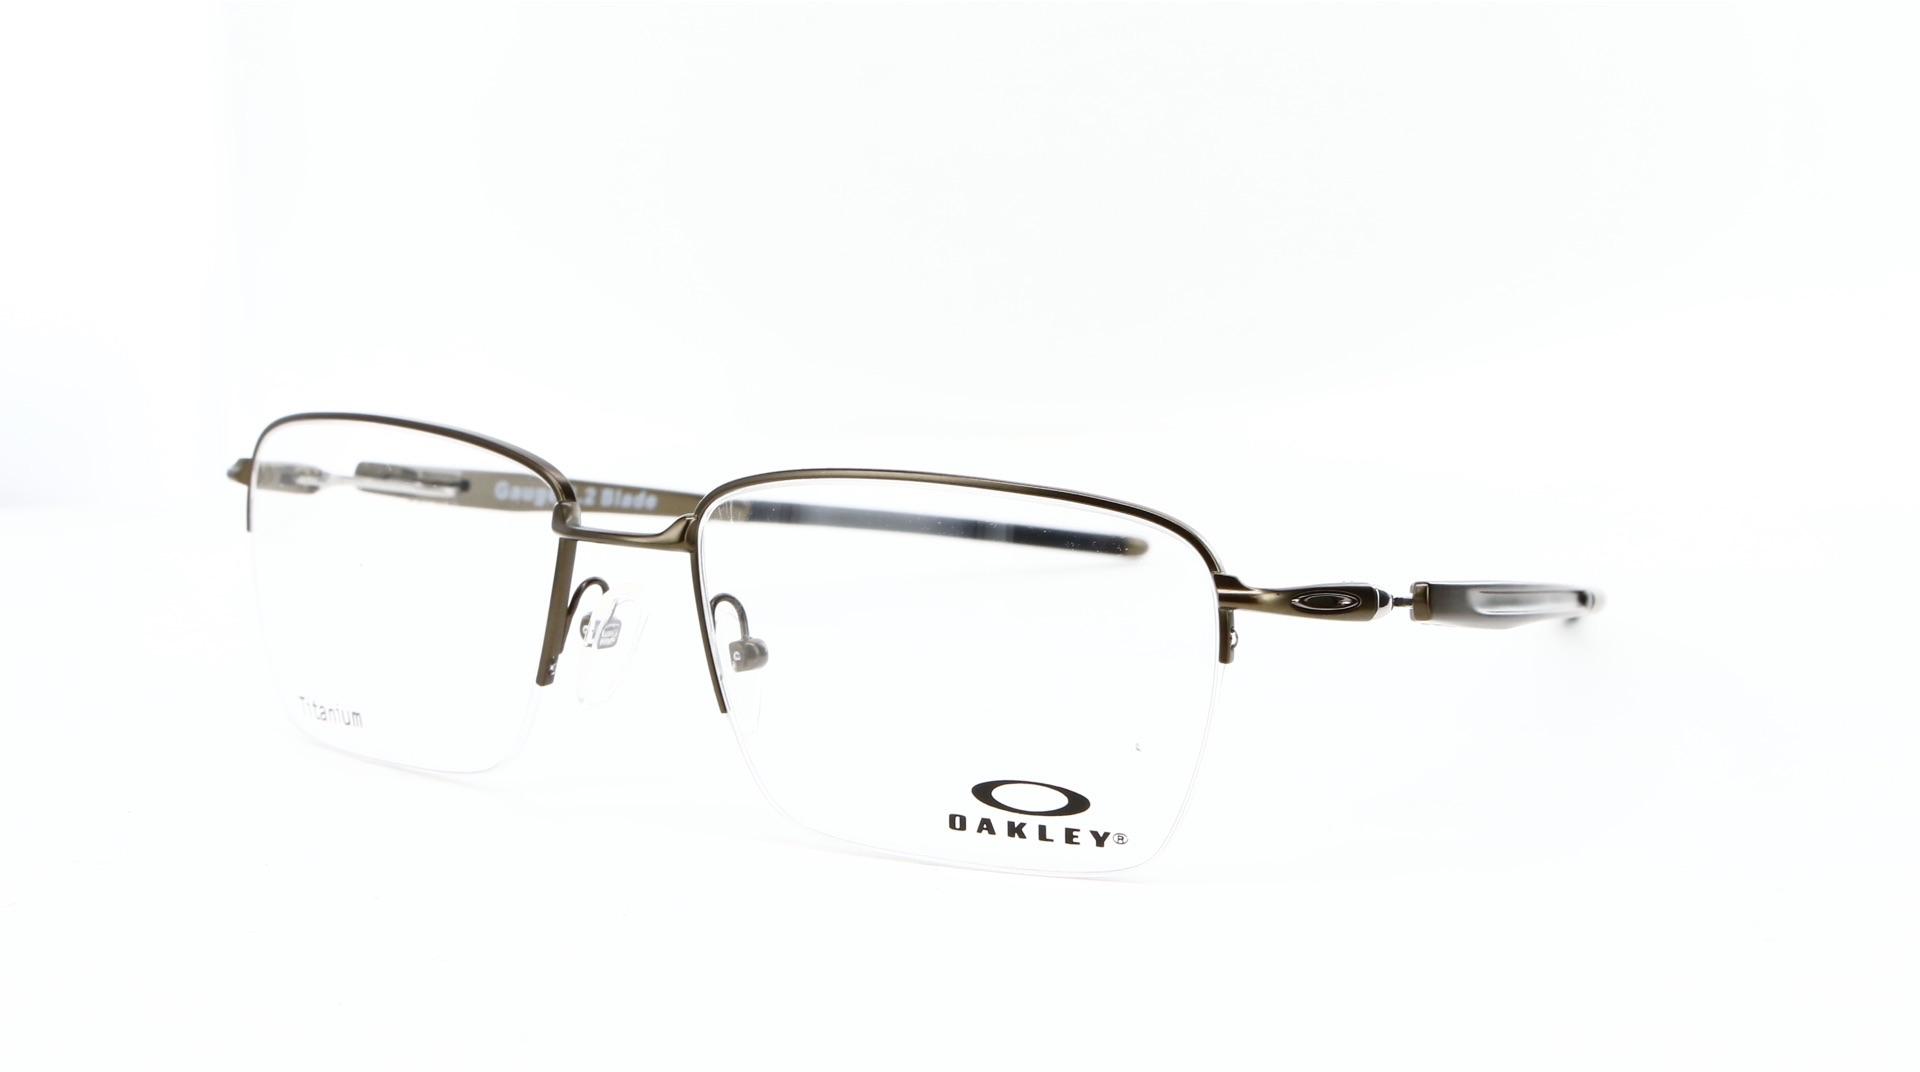 Oakley - ref: 80726